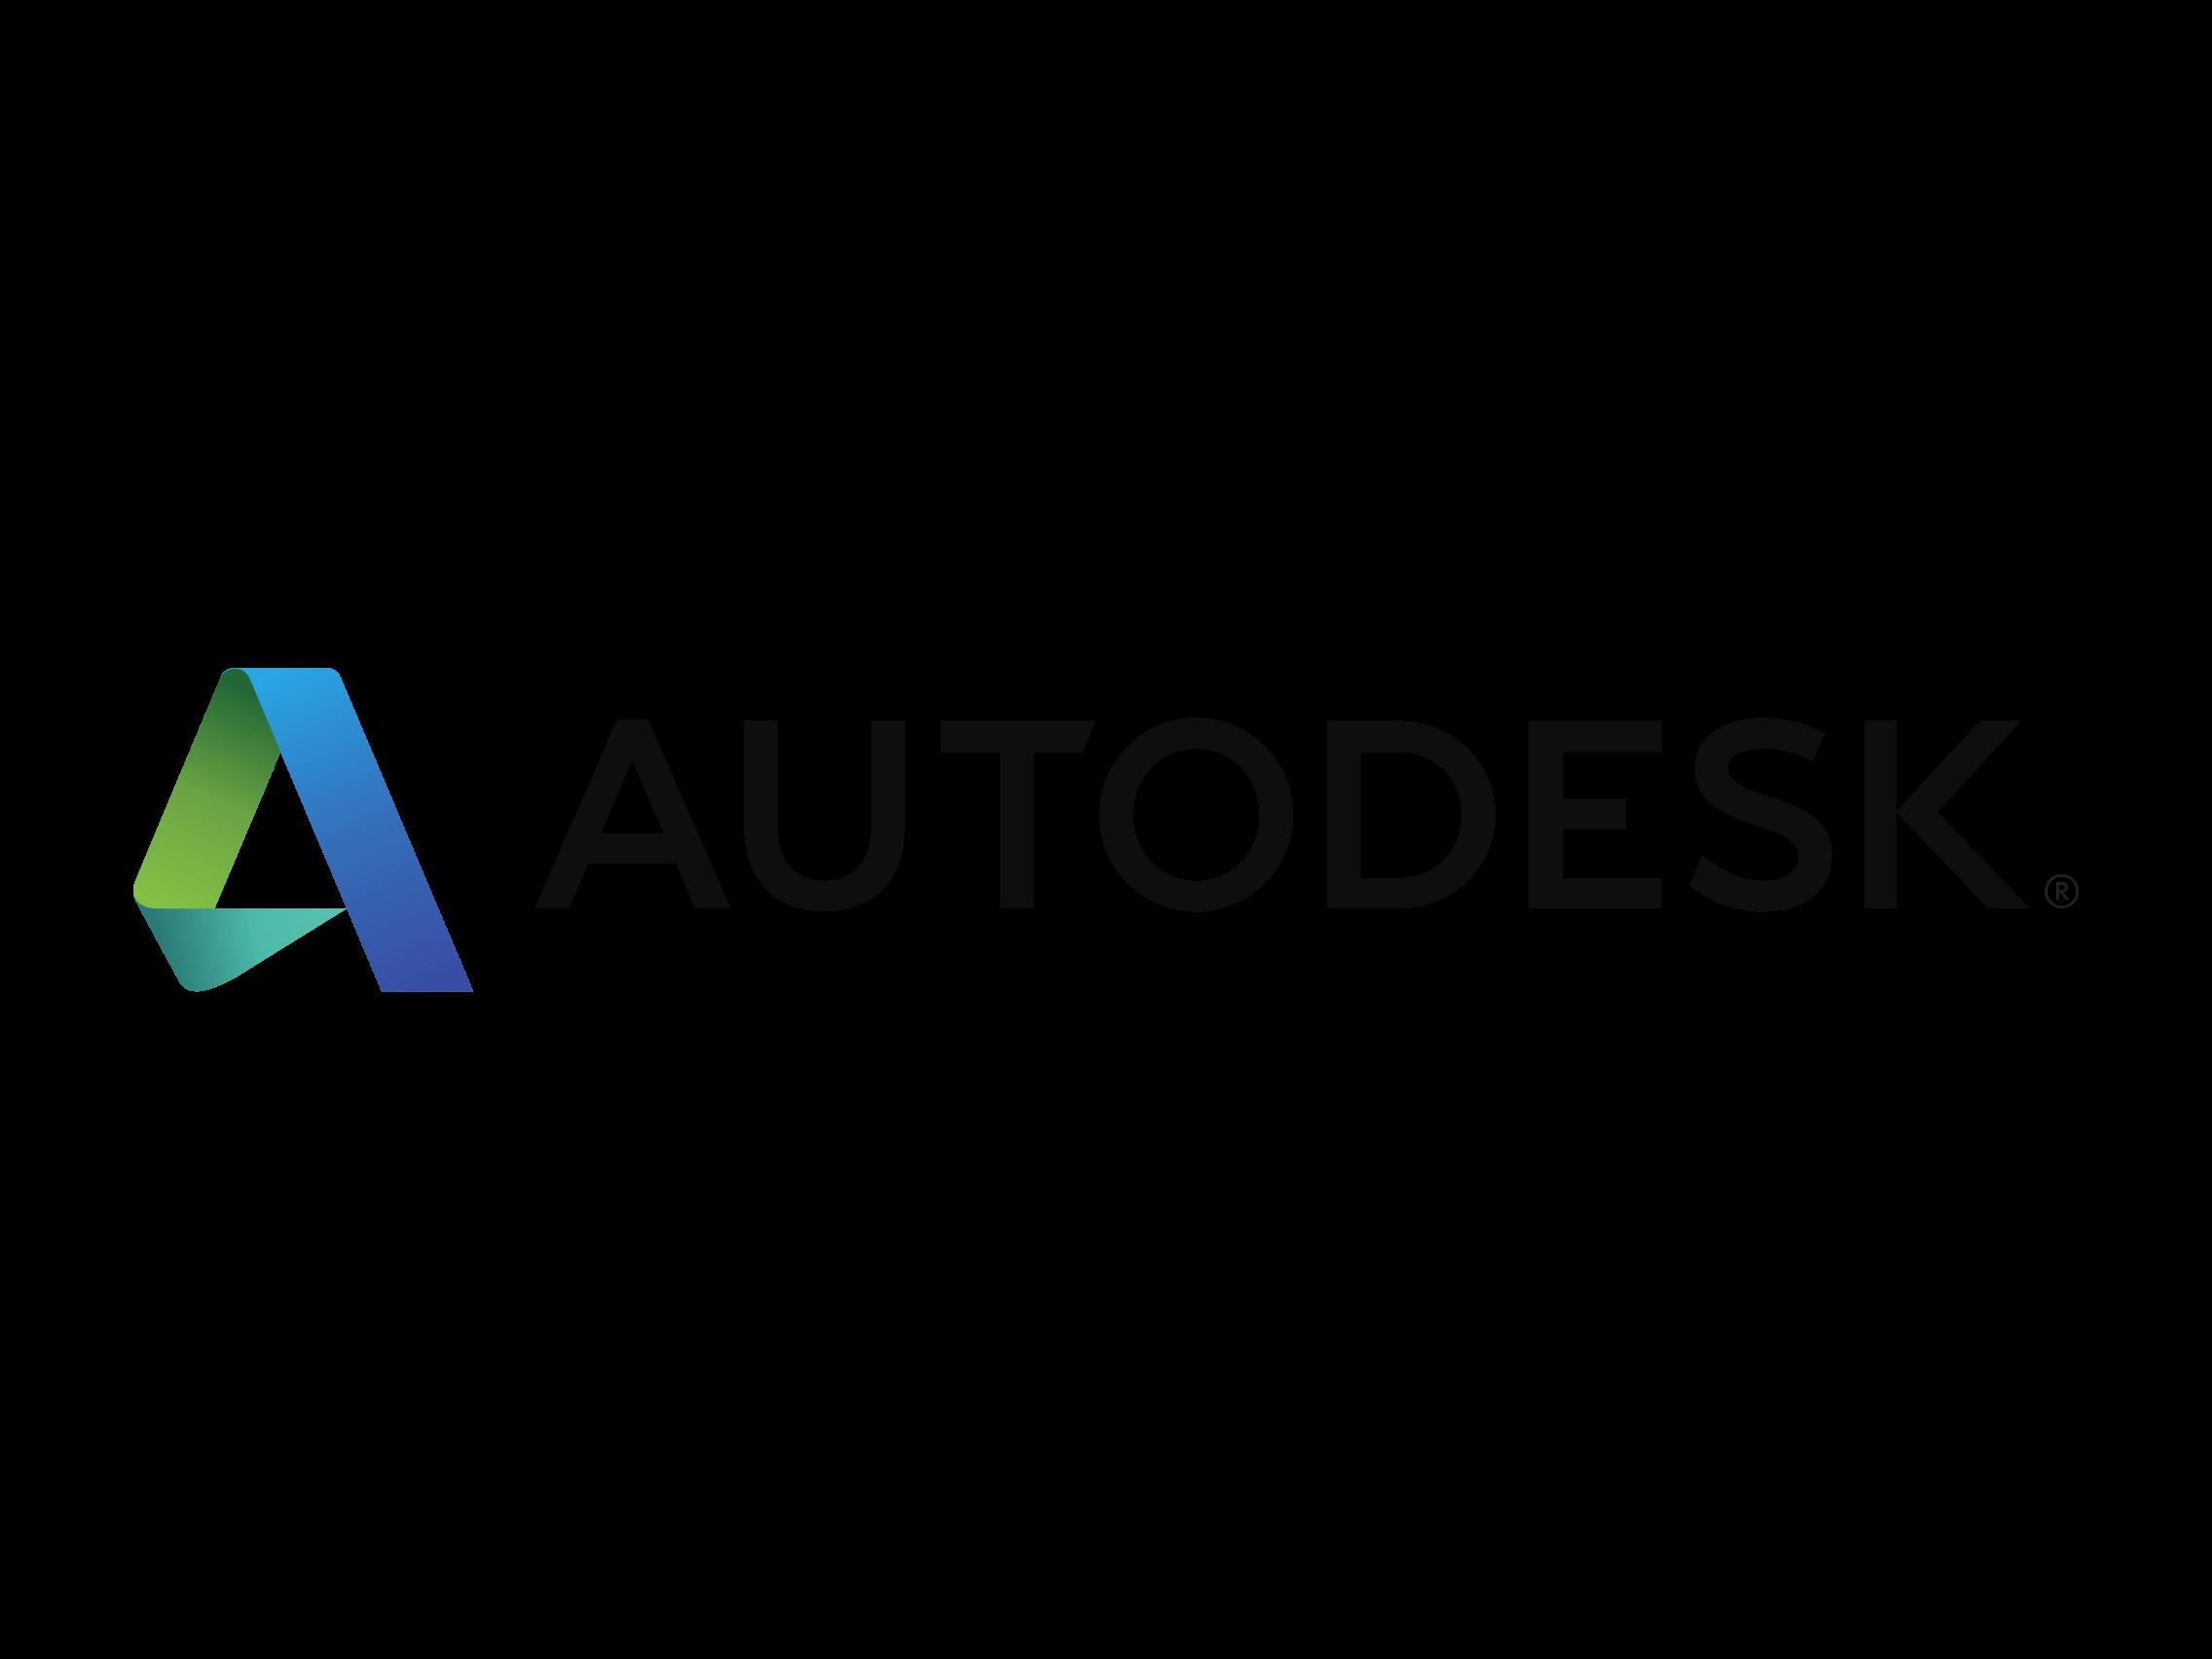 autodesk-logo-and-wordmark